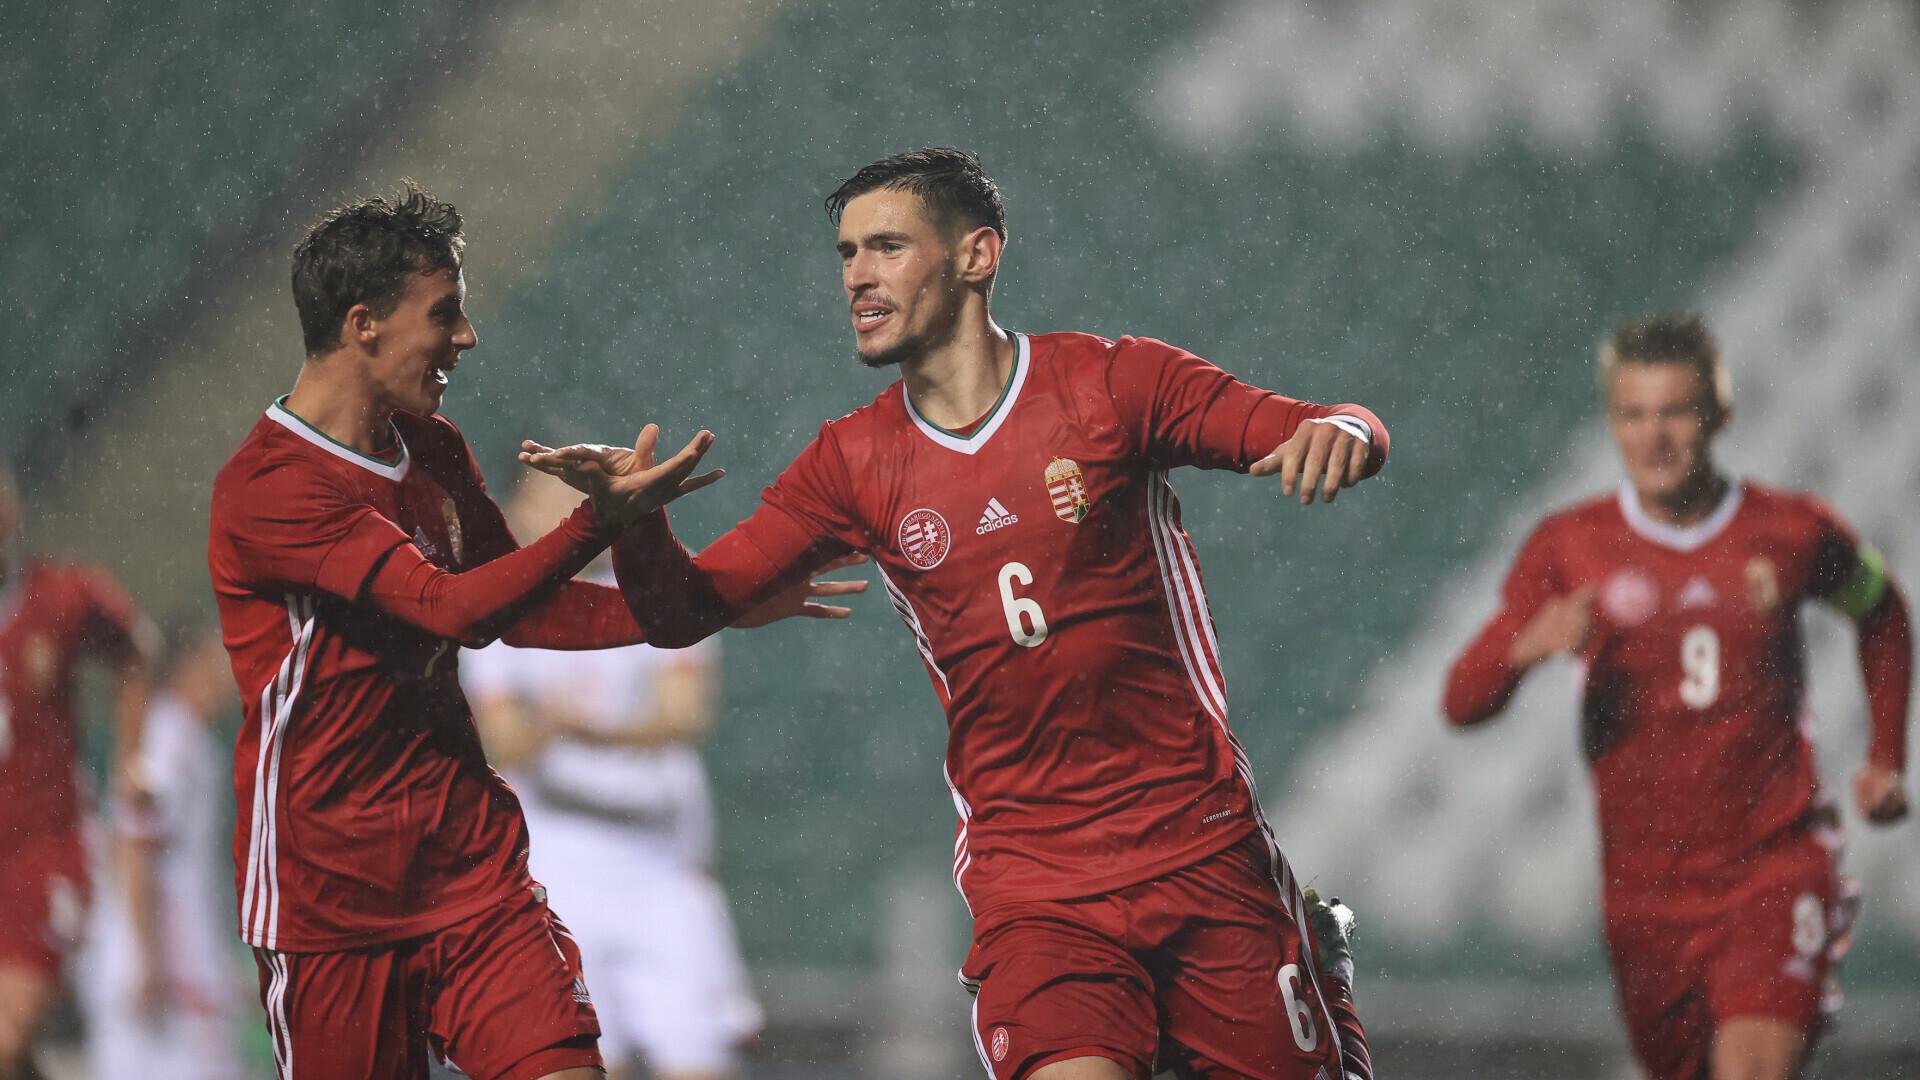 Kovács Mátyással a kezdőjében nyert az első Eb-selejtezőjén U19-es válogatottunk